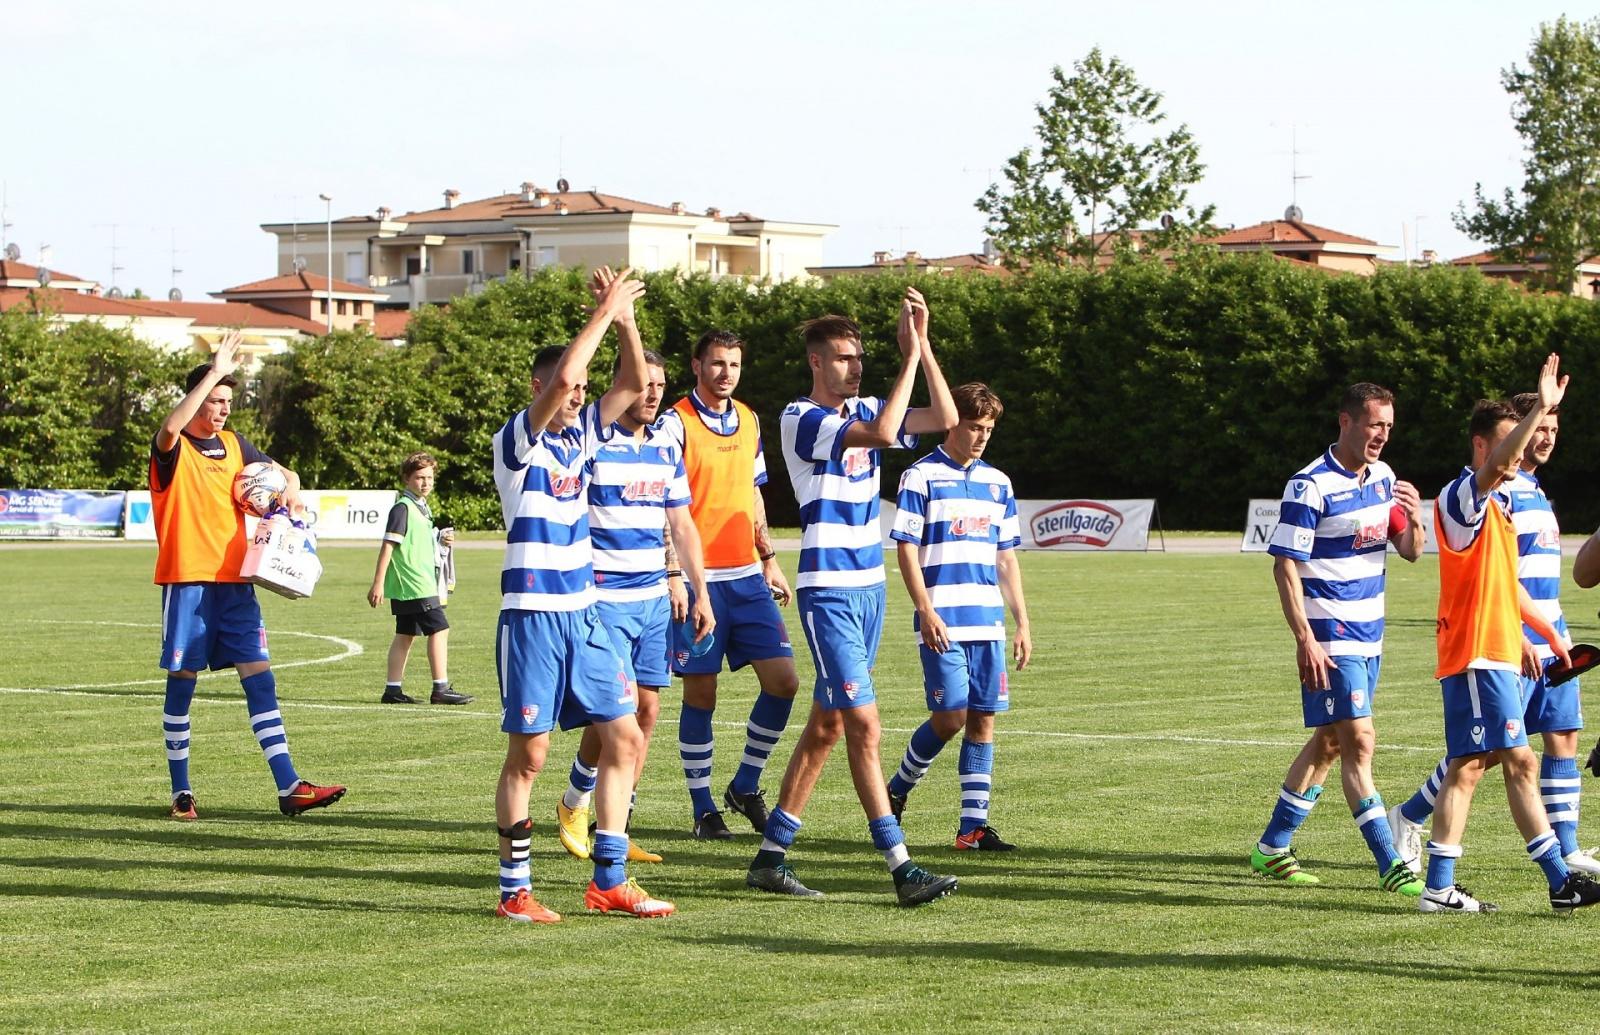 Mazzano (BS)14/05//2017#br/#Campionato Serie D Gir B Play off#br/#Ciliverghe Mazzano - Aurora Pro Patria #br/#Nella foto: SOTTO LA CURVA